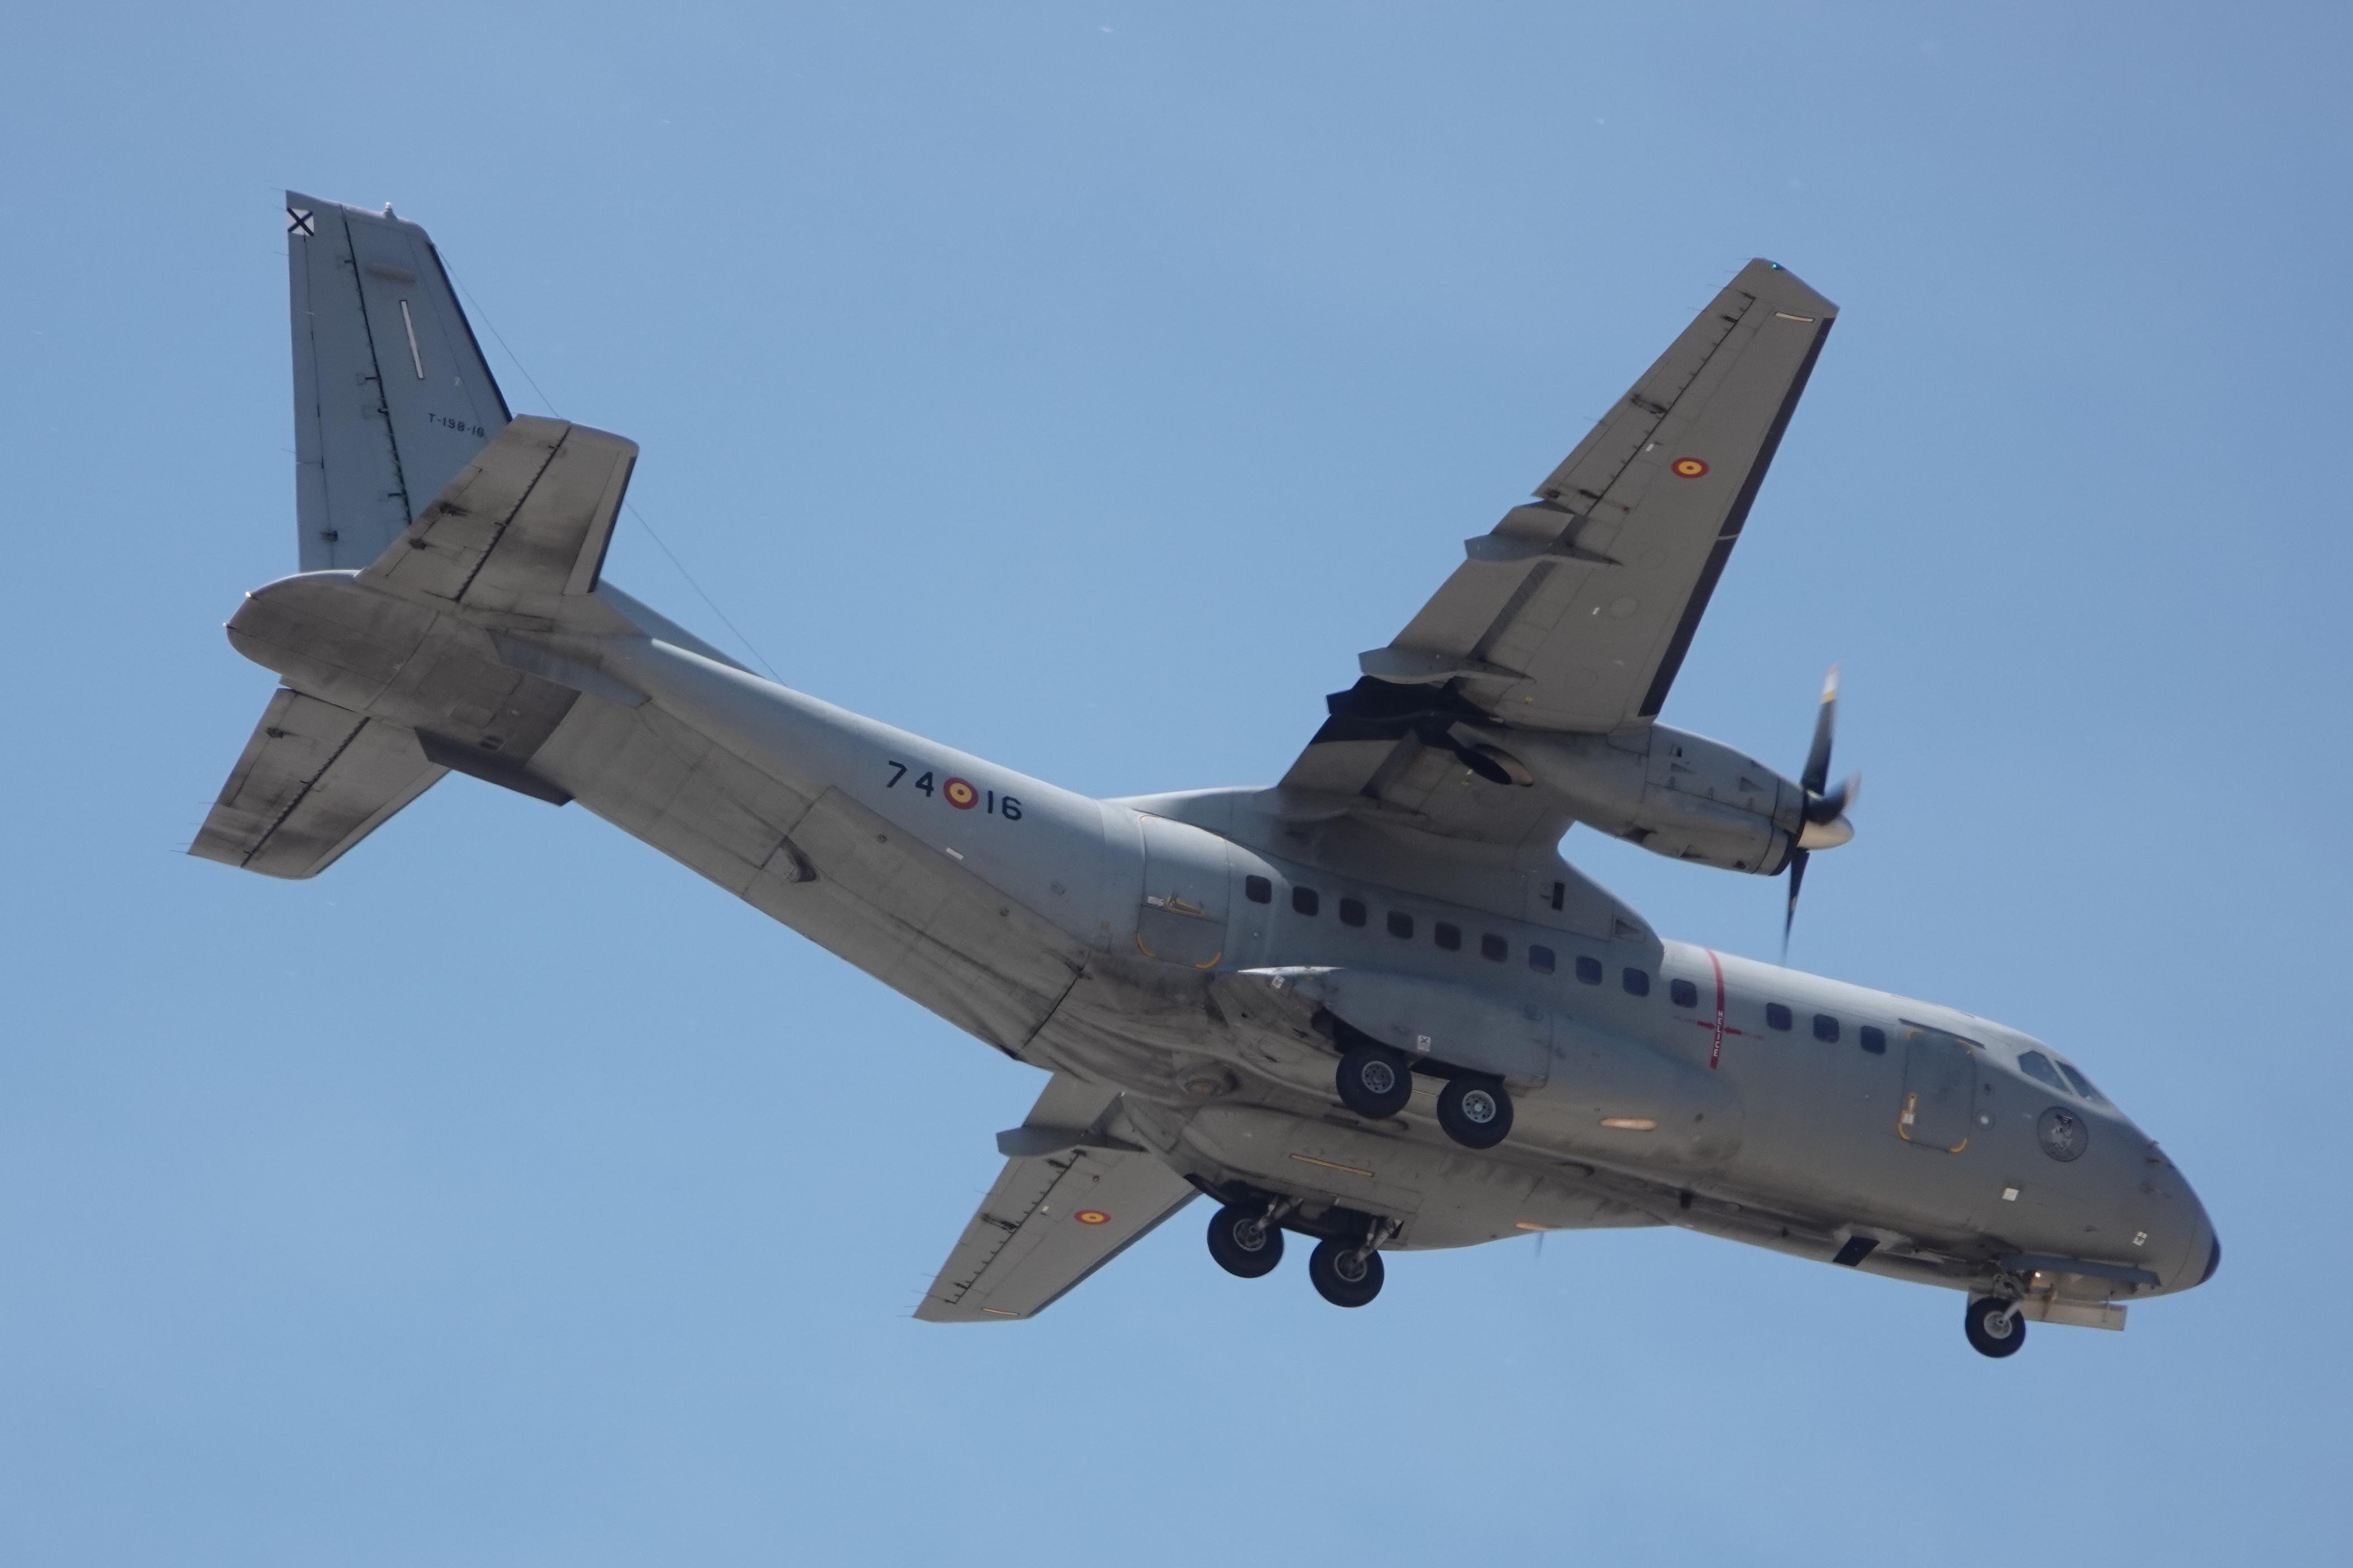 T.19B-16 74-16